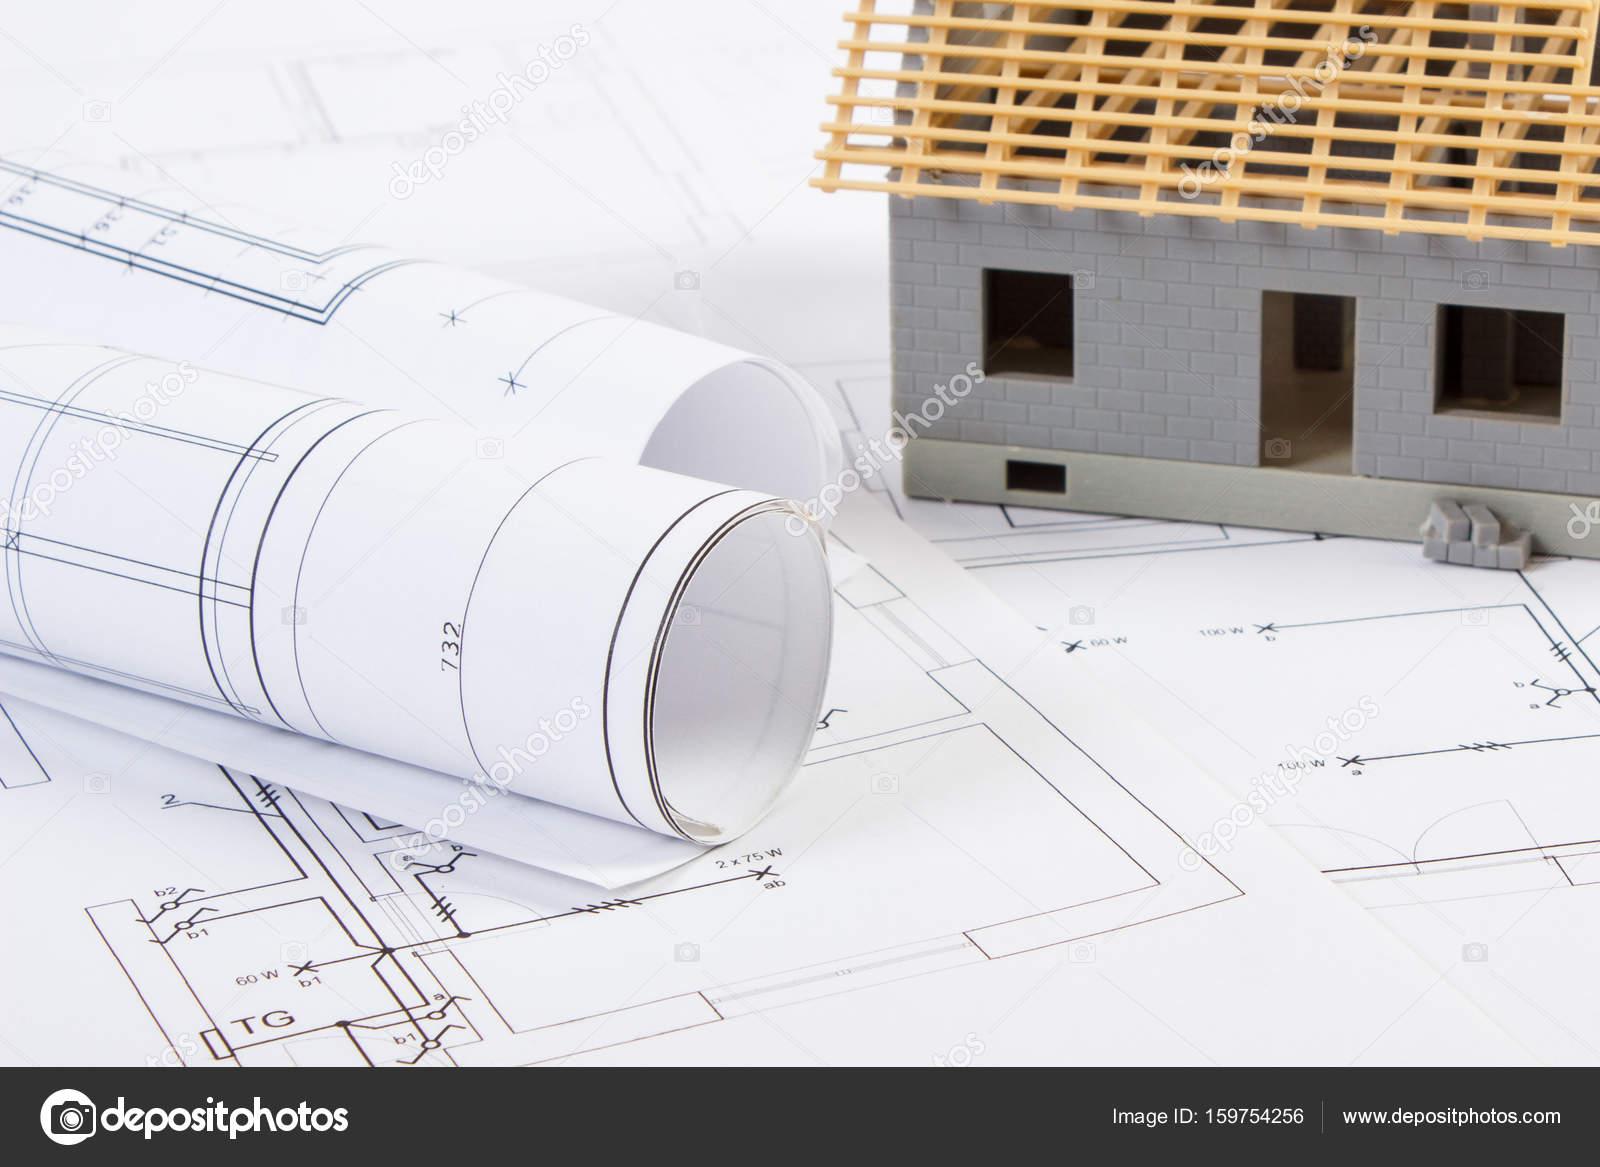 Elektrische Zeichnungen, Diagramme Und Kleines Haus Im Bau, Konzept Des  Gebäudes Nach Hause U2014